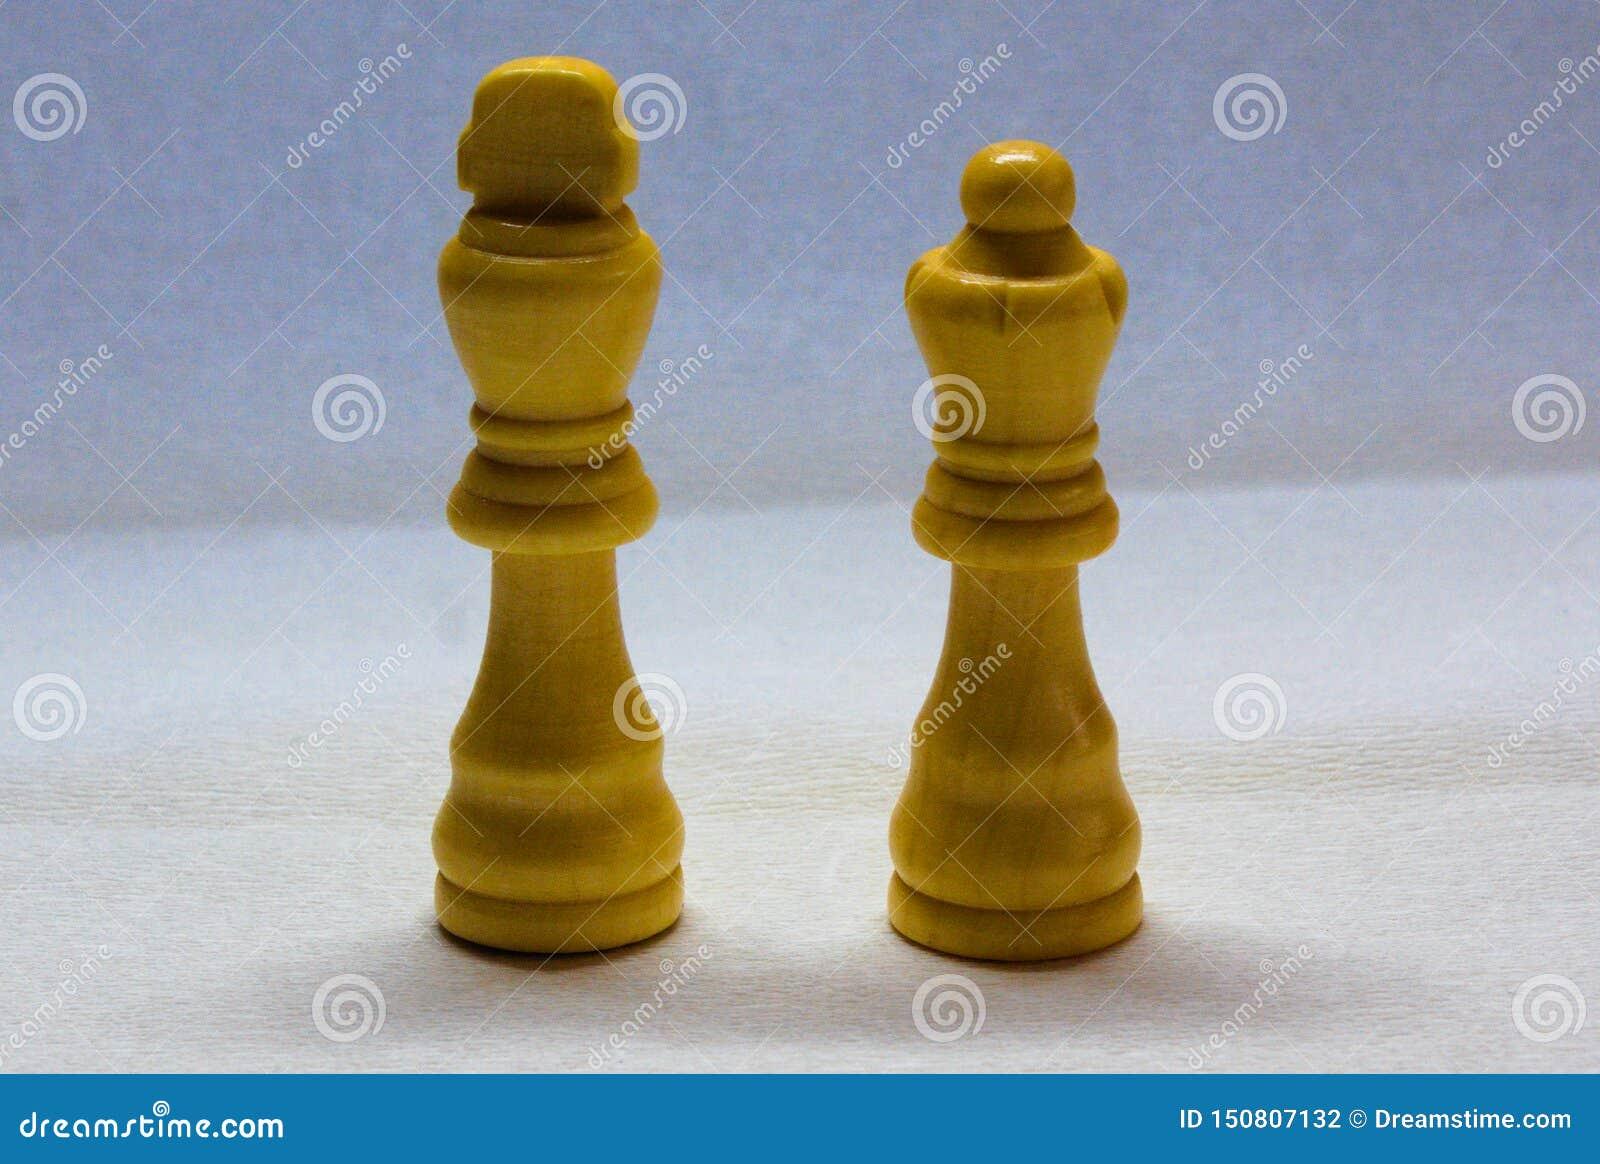 Witte koning en koninginschaakstukken